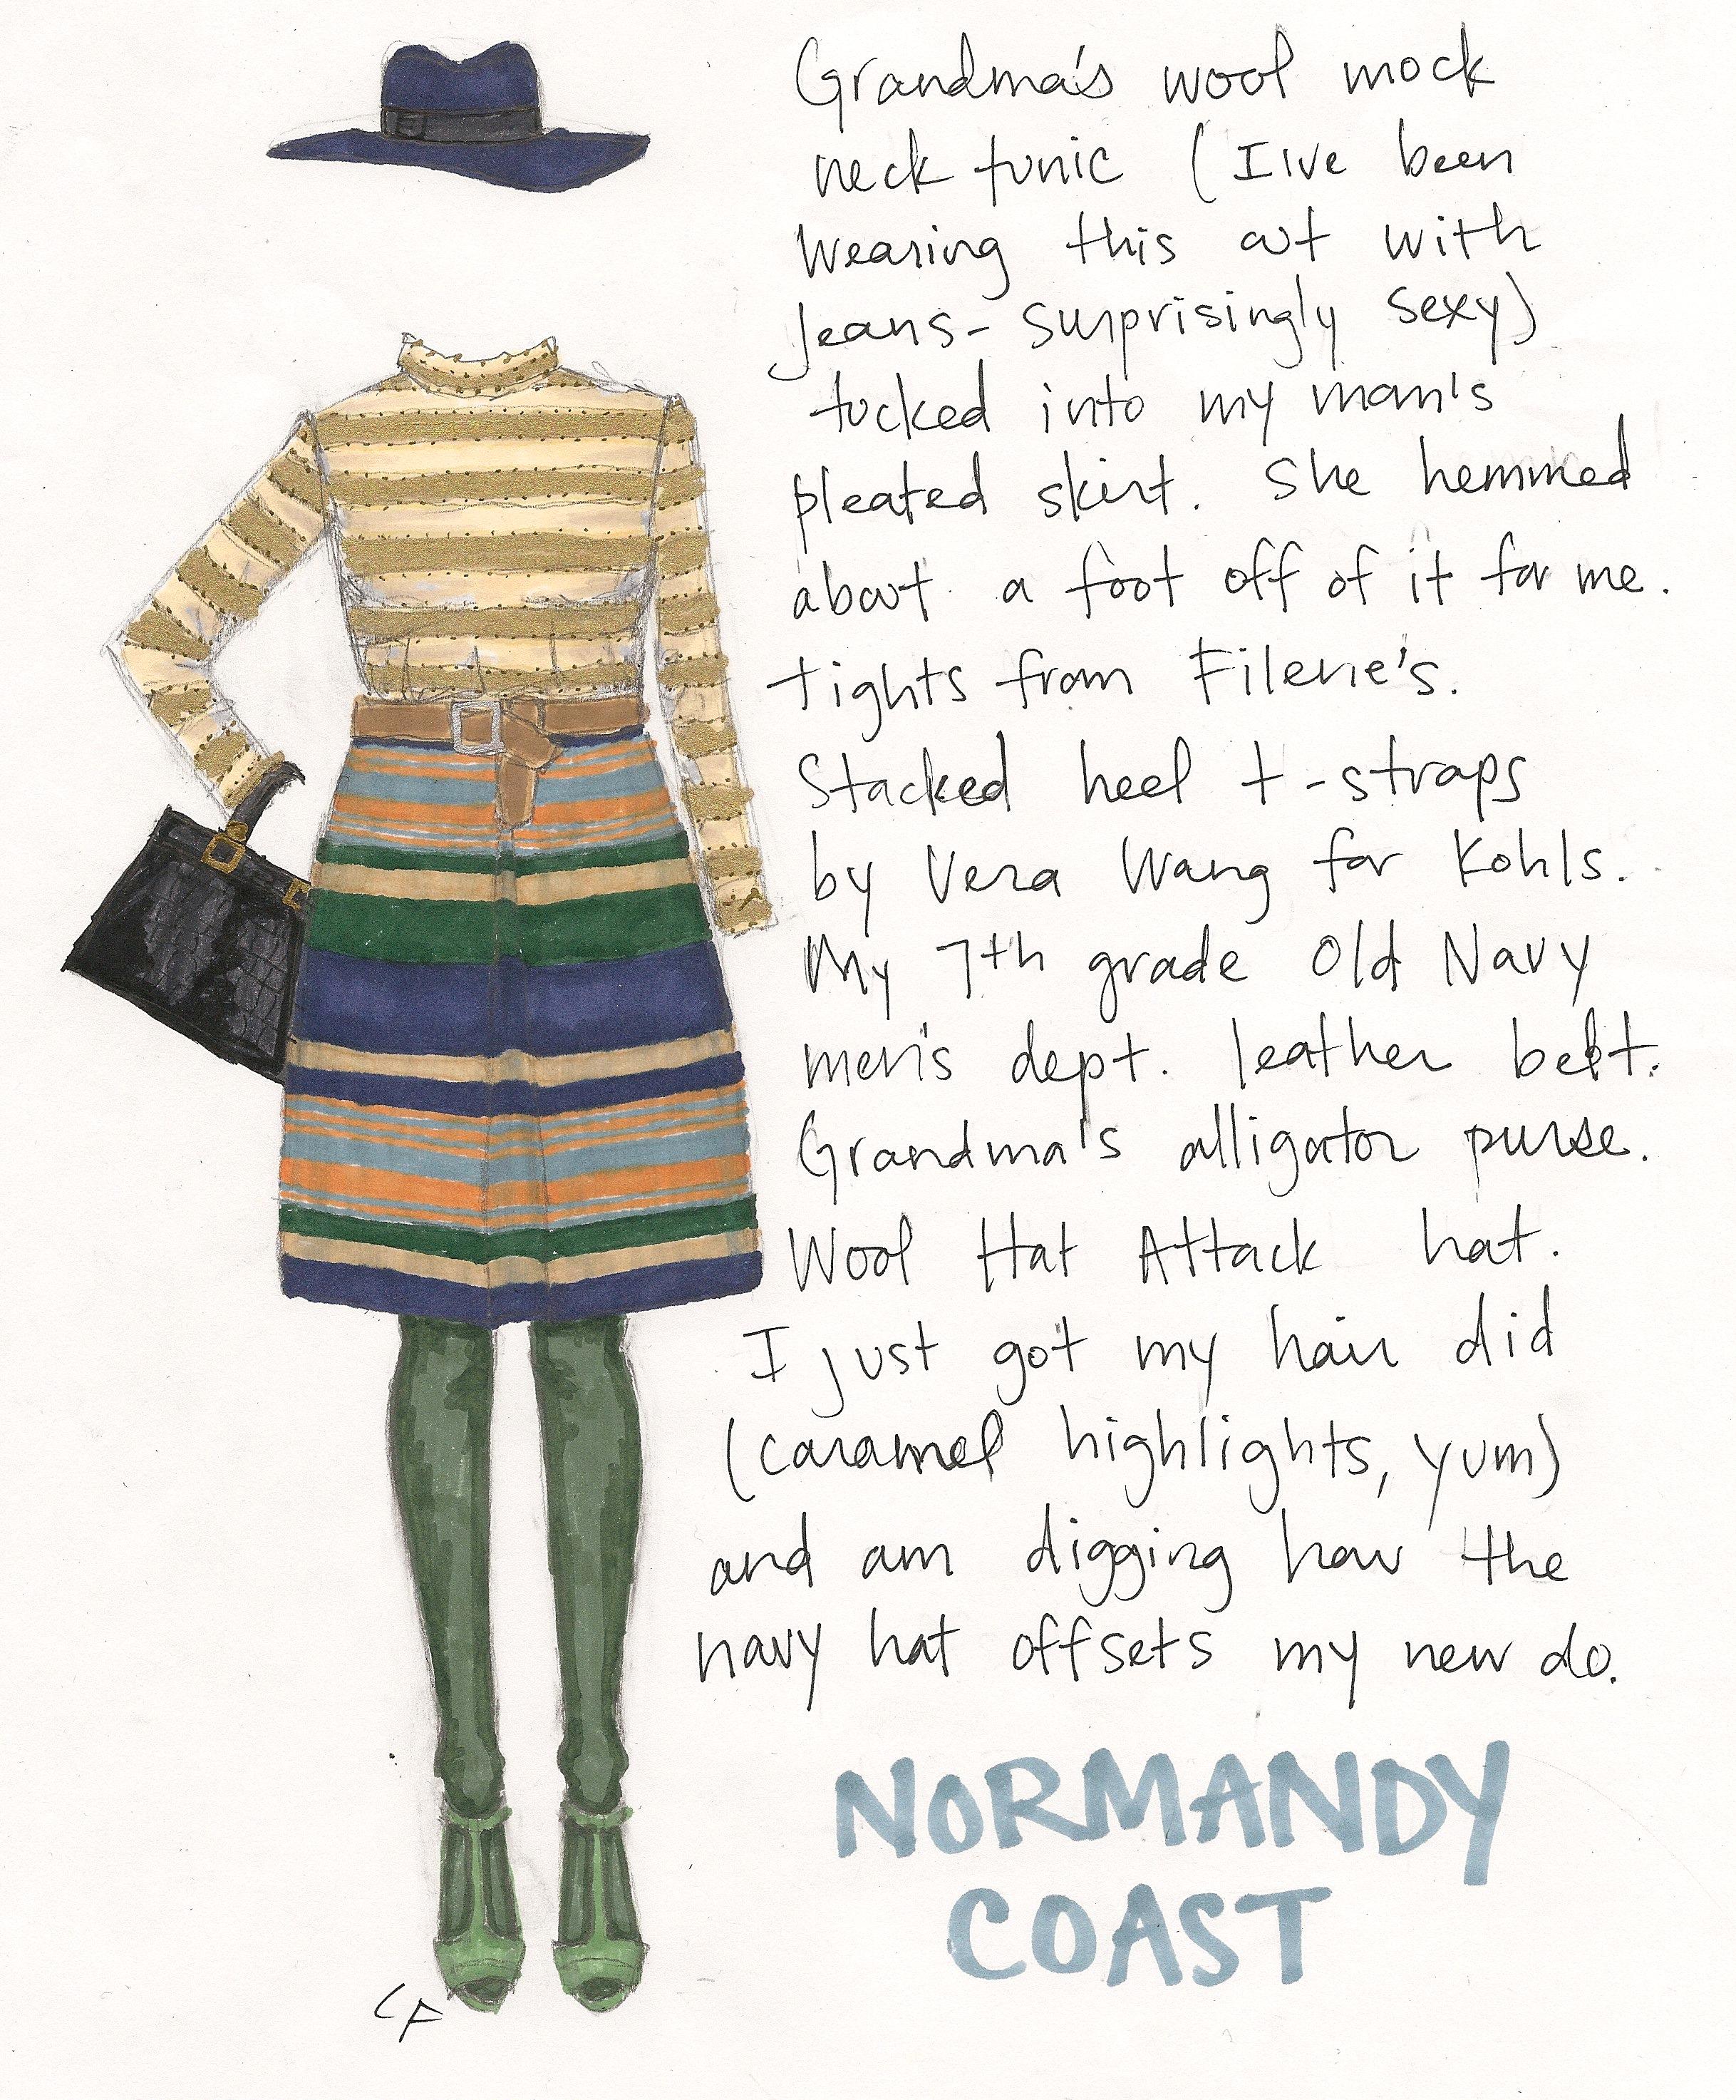 normandycoast